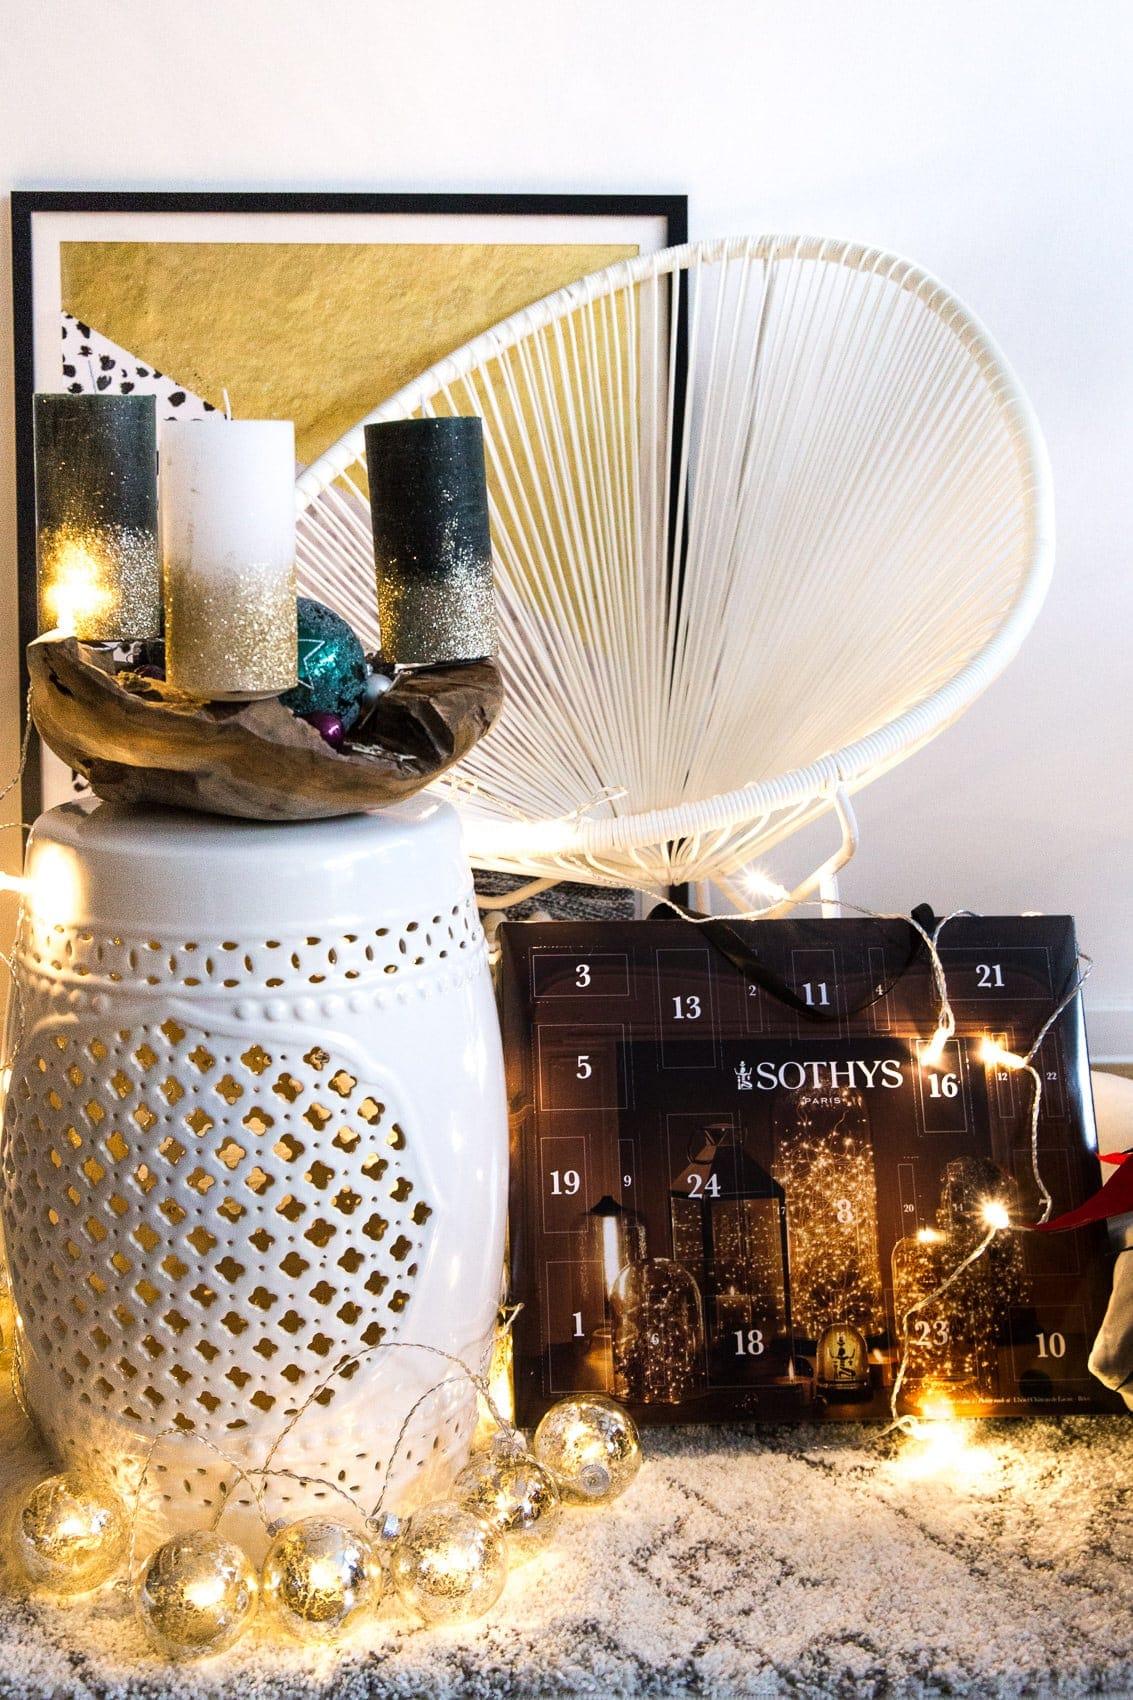 Des Belles Choses Adventskalender Türchen 1: Exklusiver Sothys Adventskalender